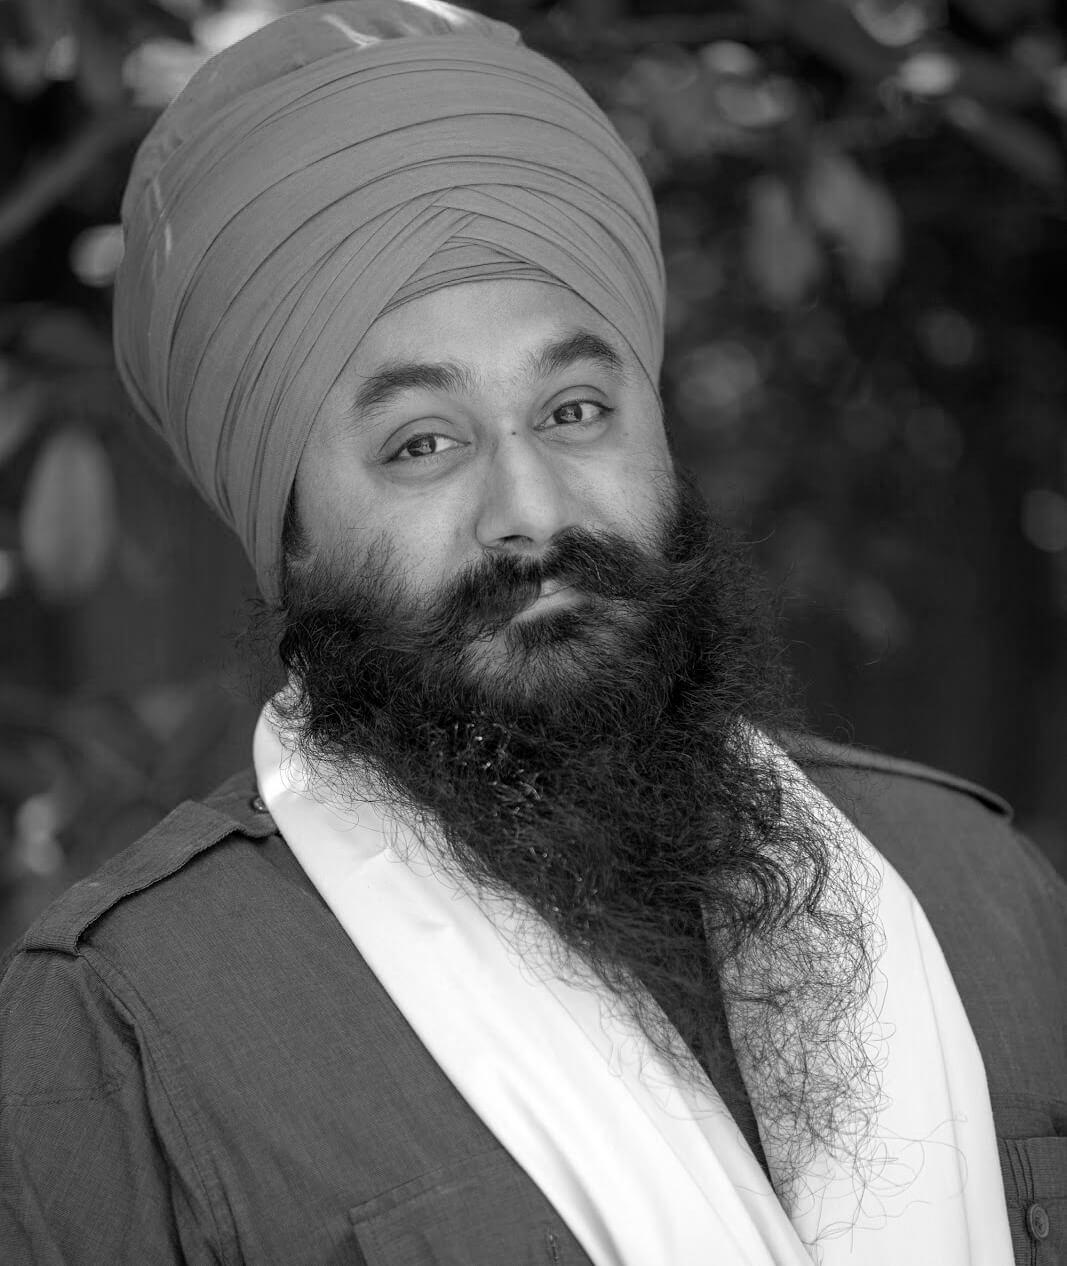 Manjot Singh Khalsa